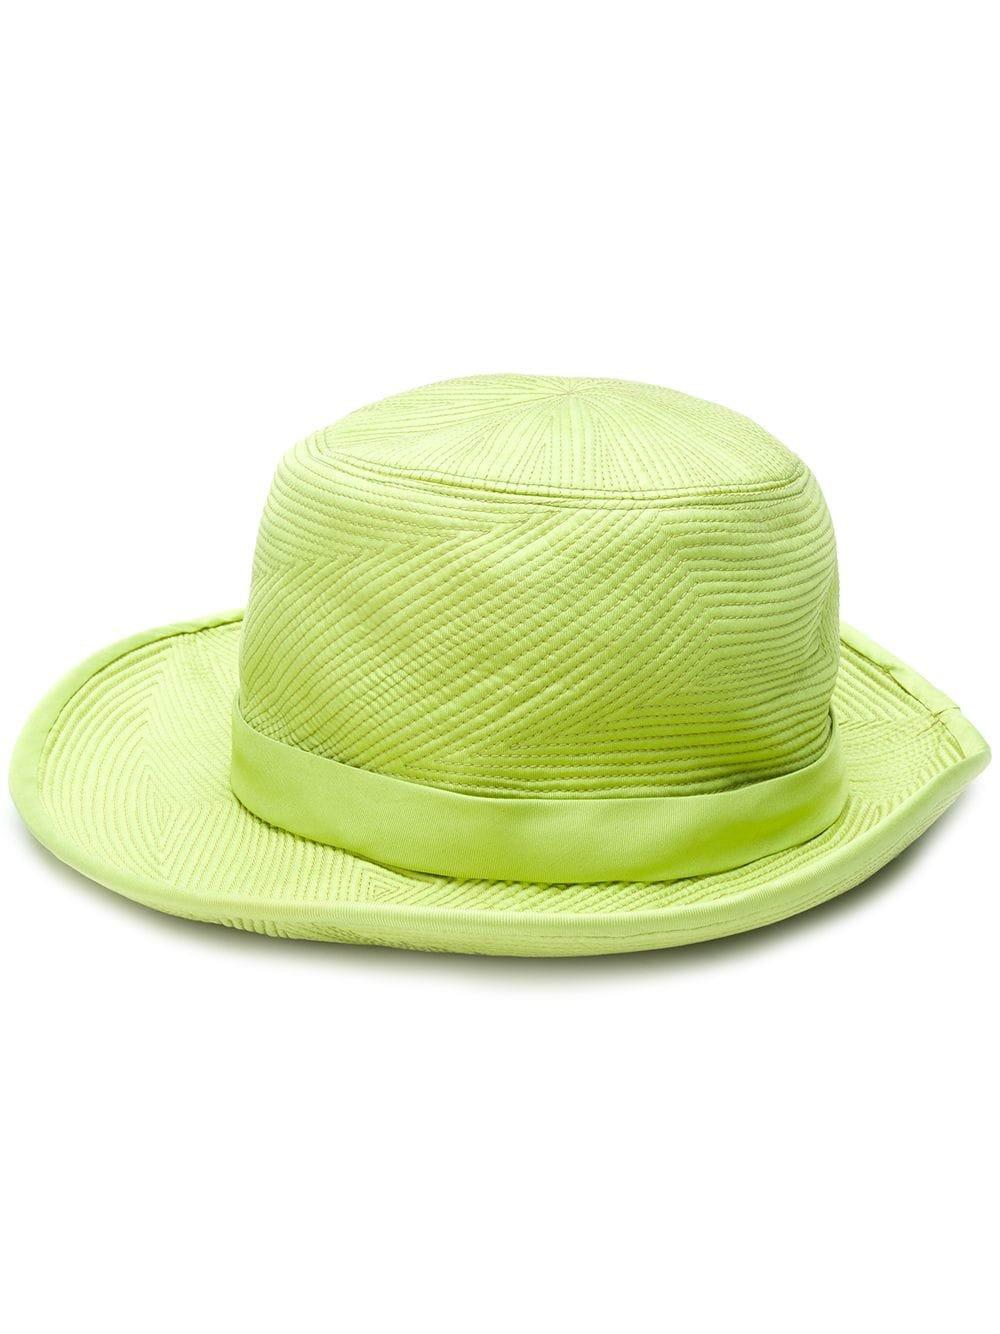 A.N.G.E.L.O. Vintage Cult Clelia Venturi Hat - Farfetch